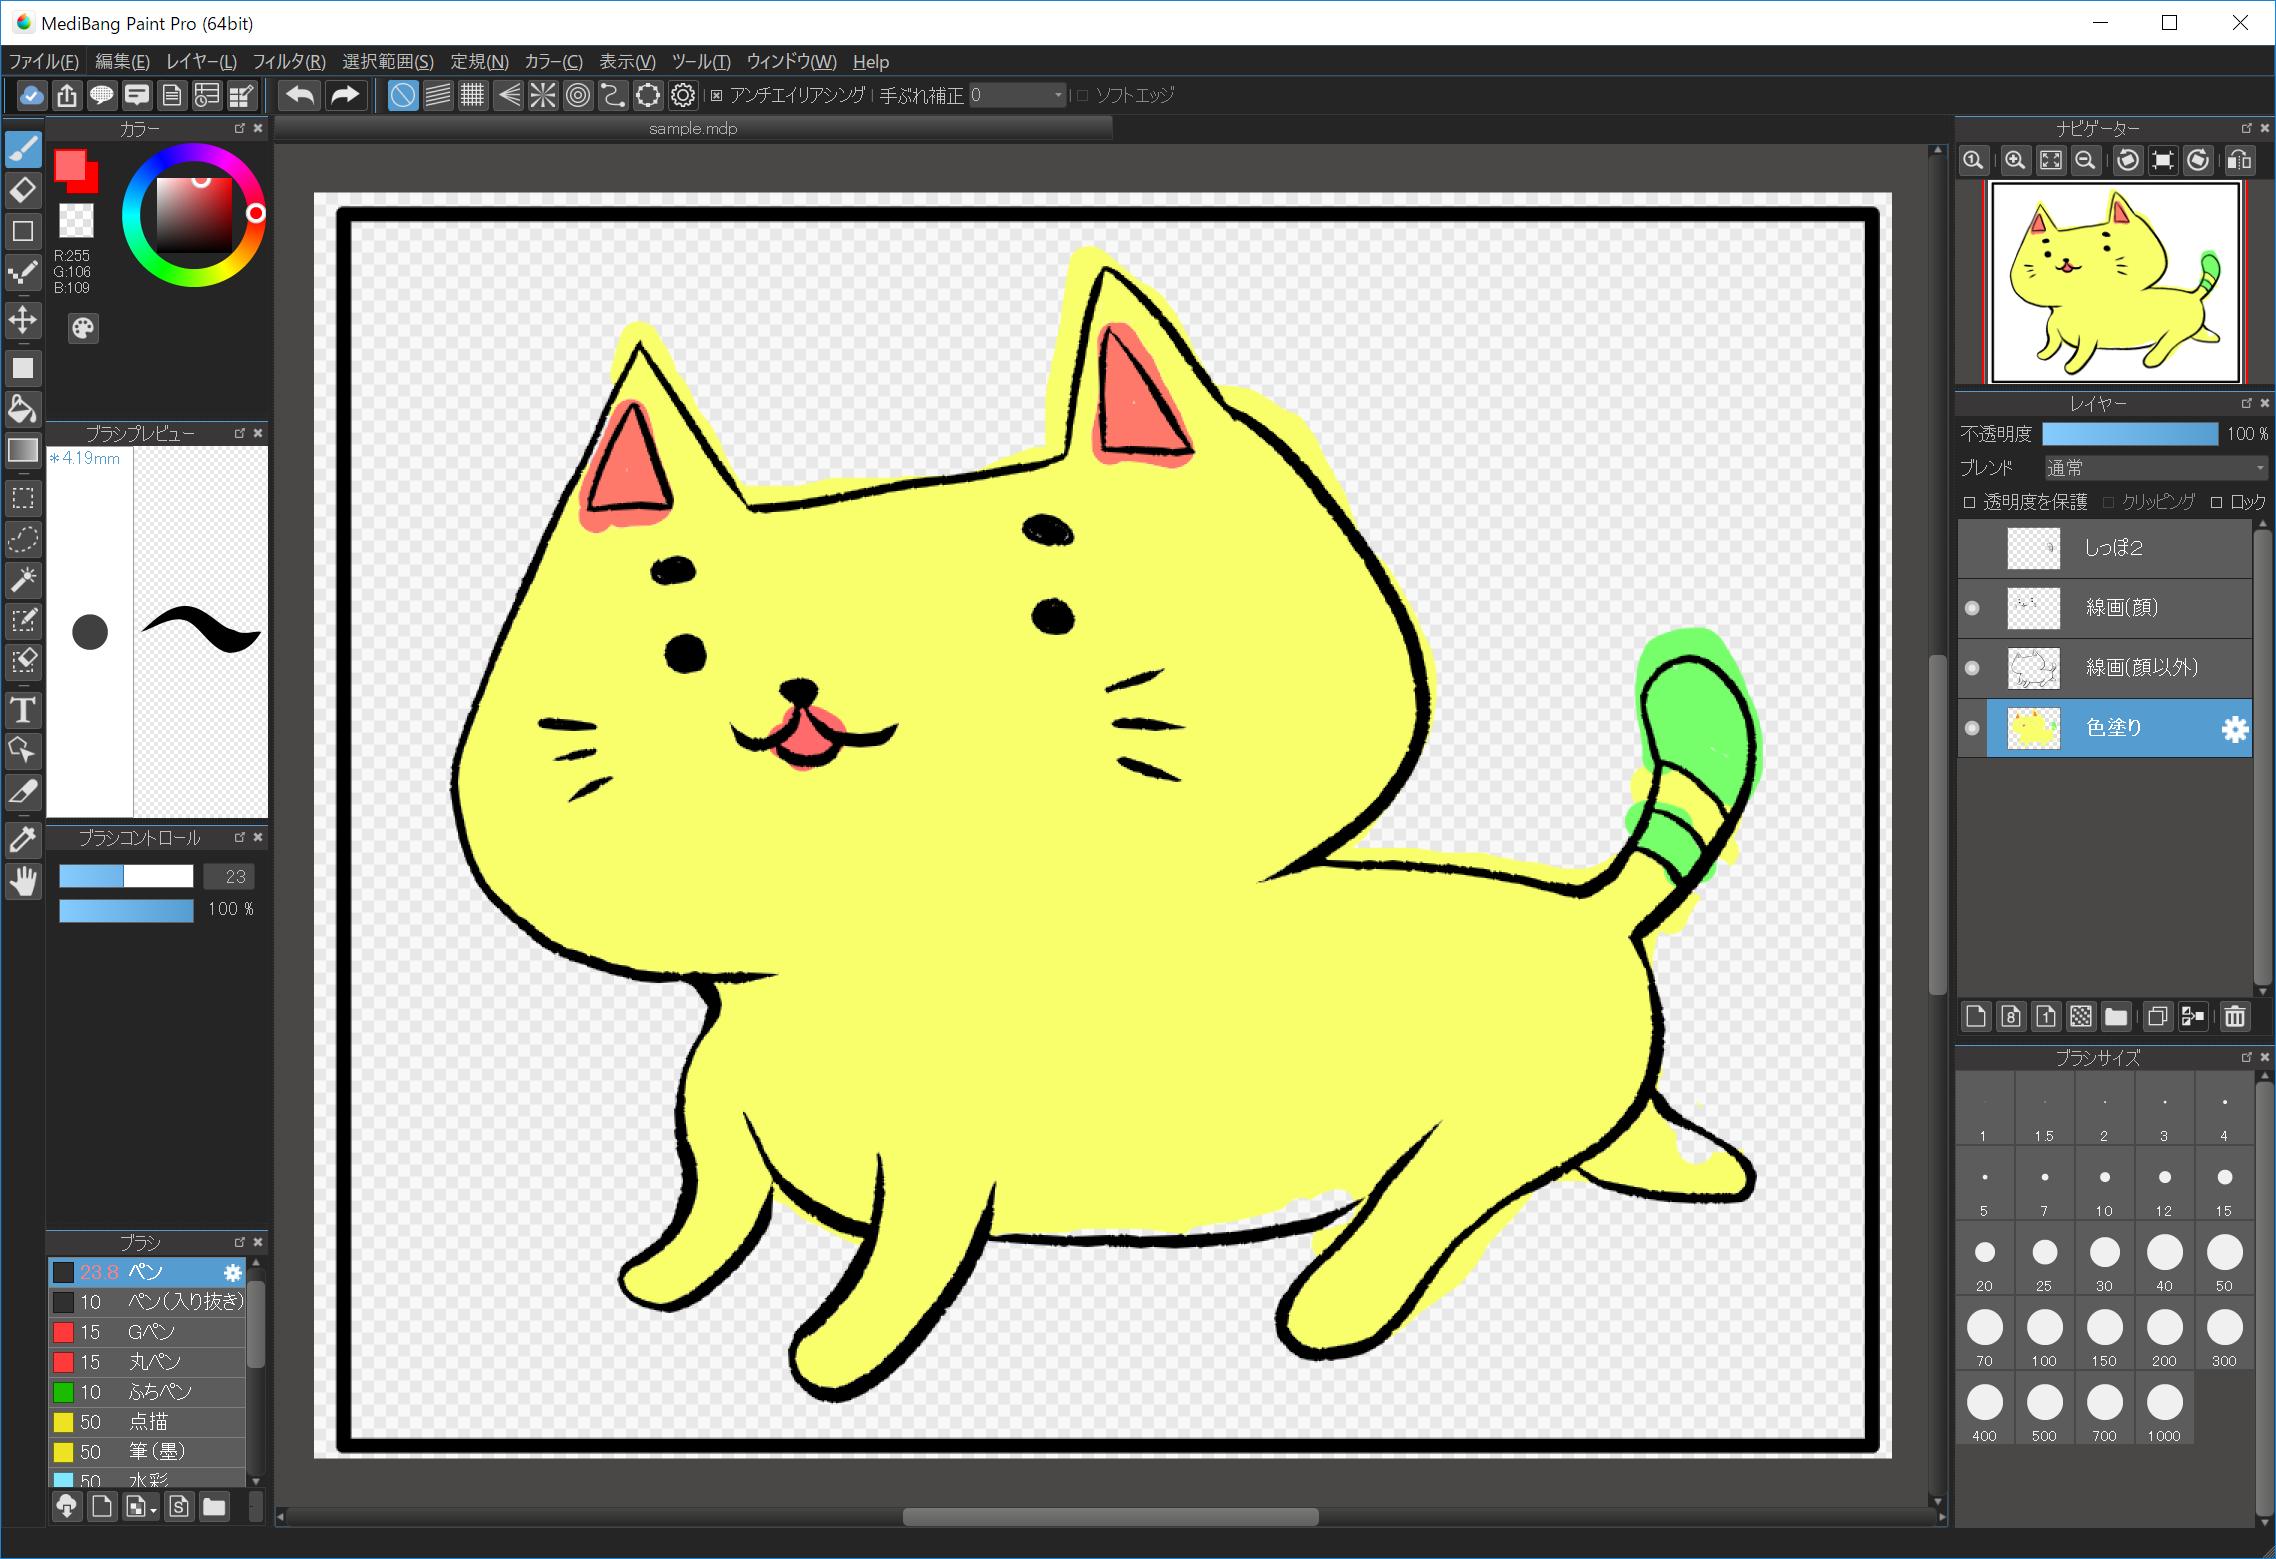 我试着用黄色画猫